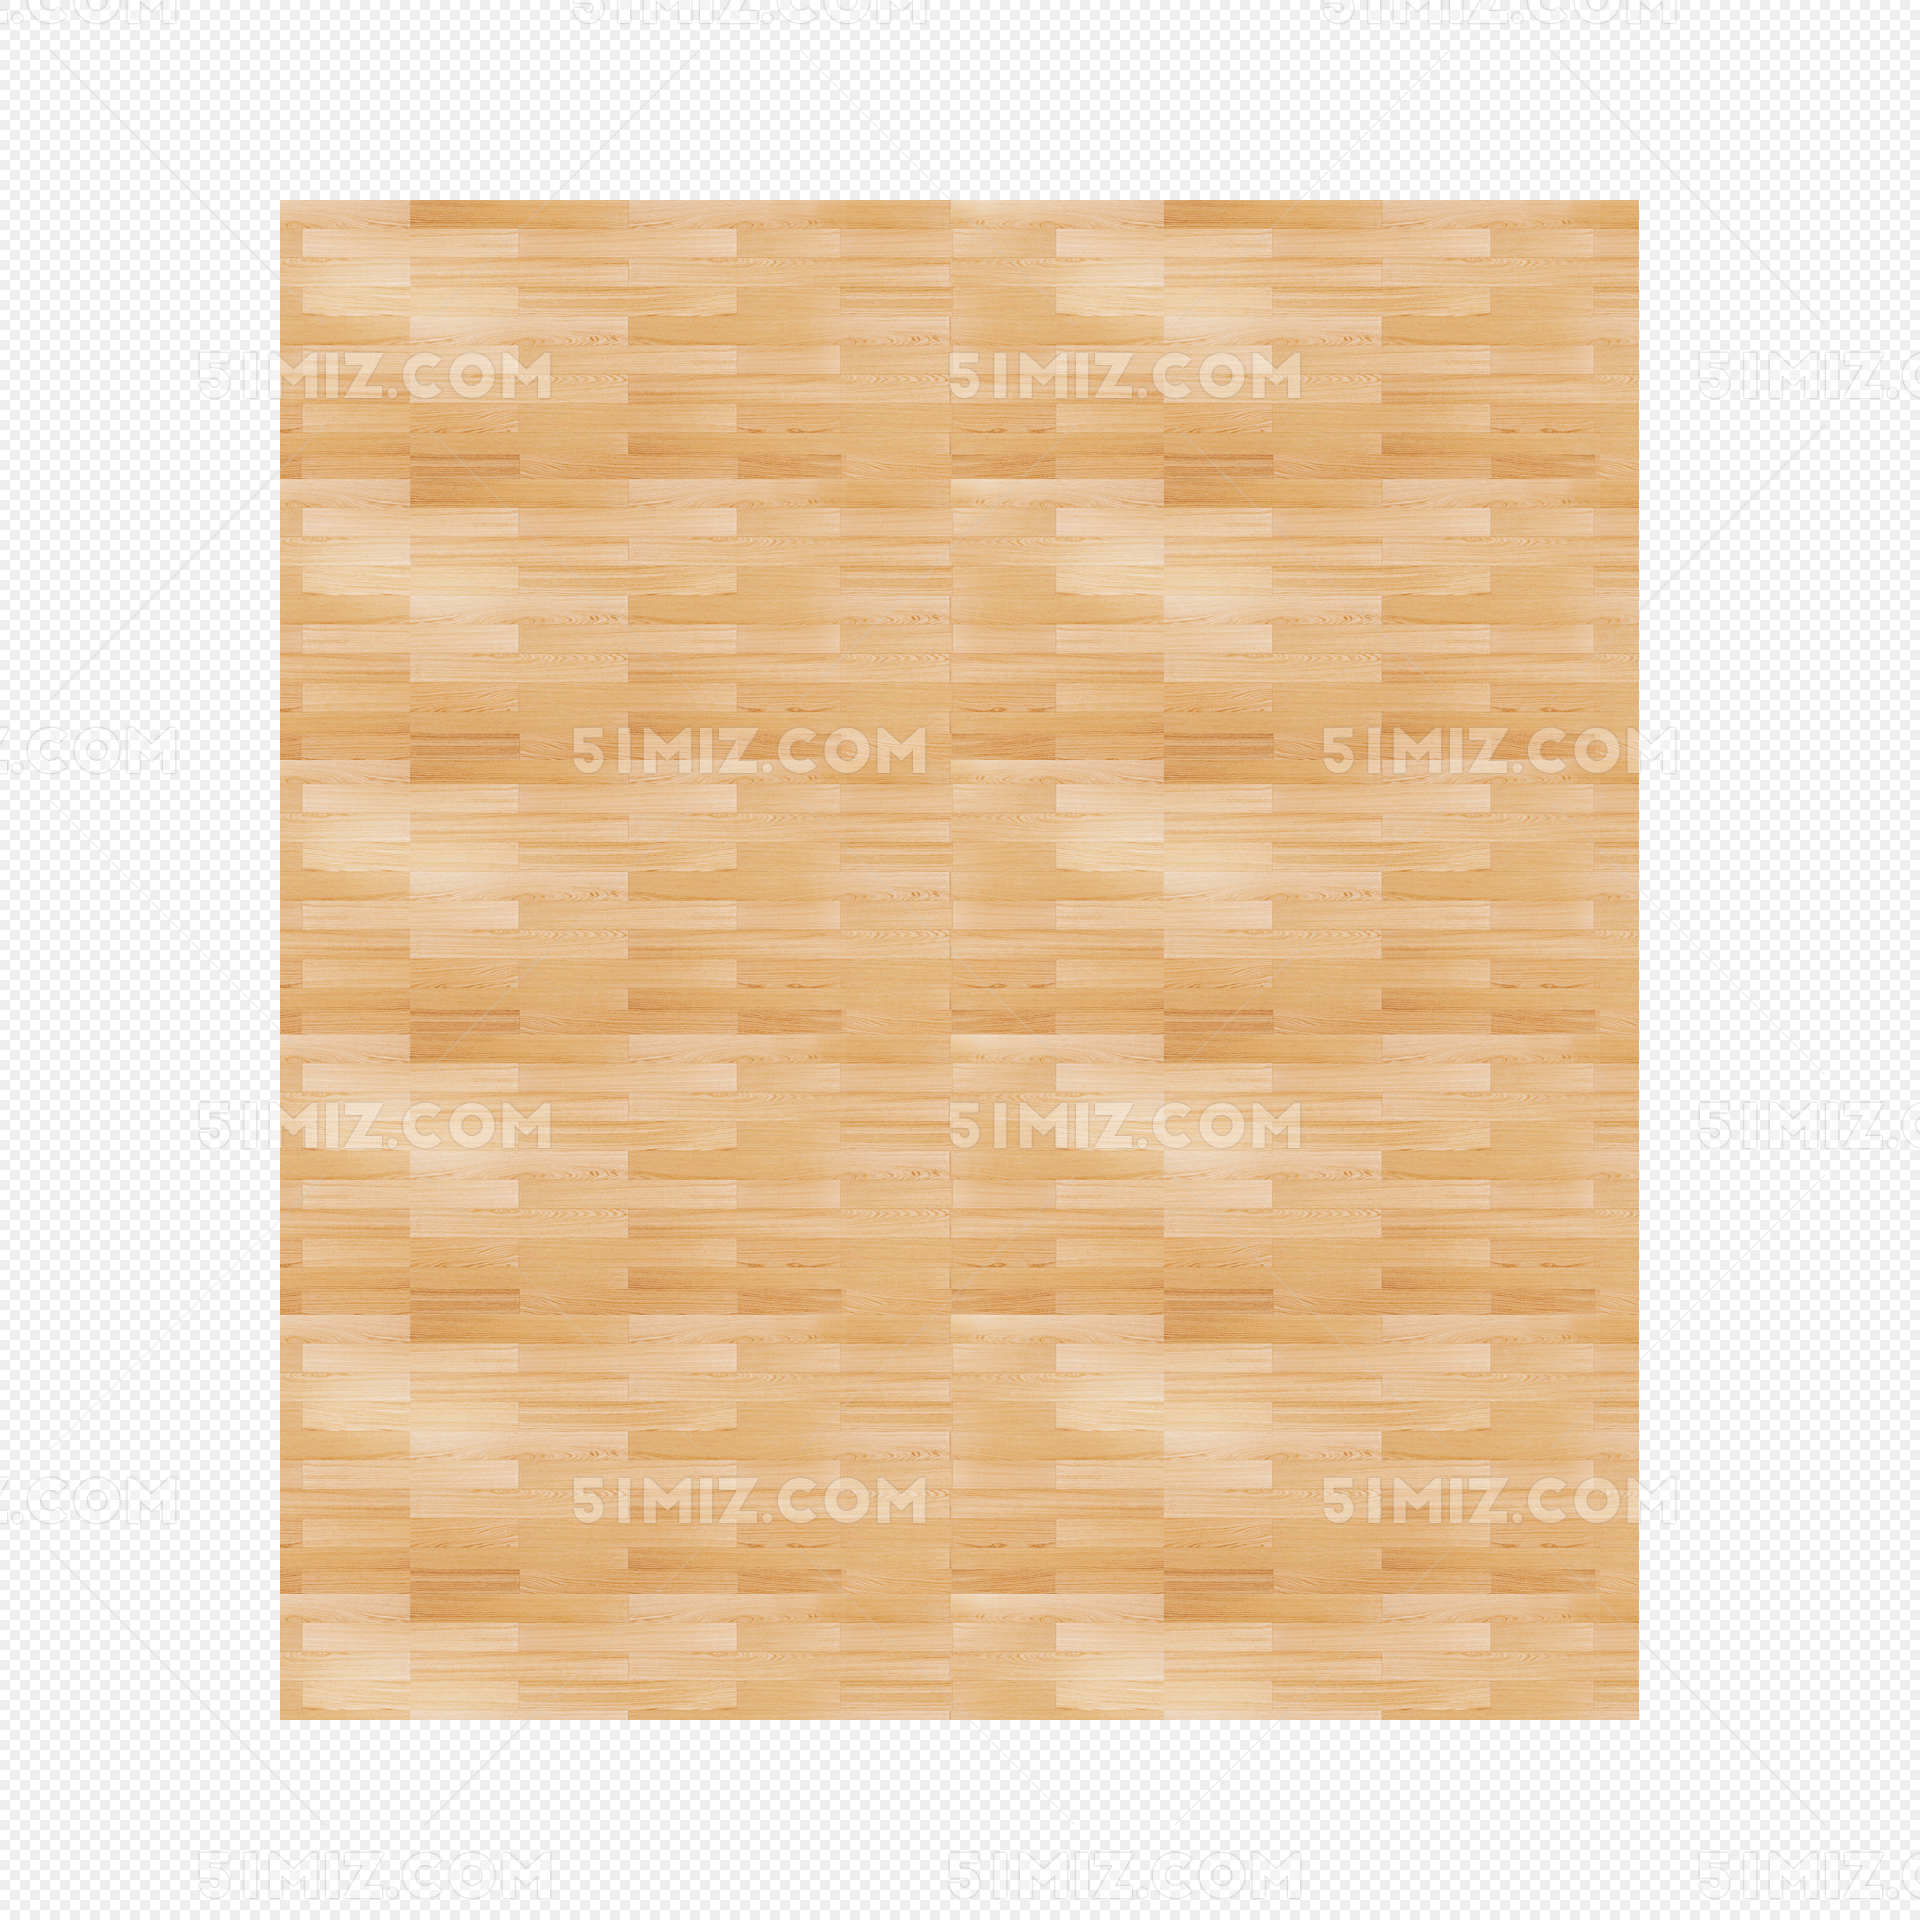 户型图木地板免费下载_png素材_觅知网